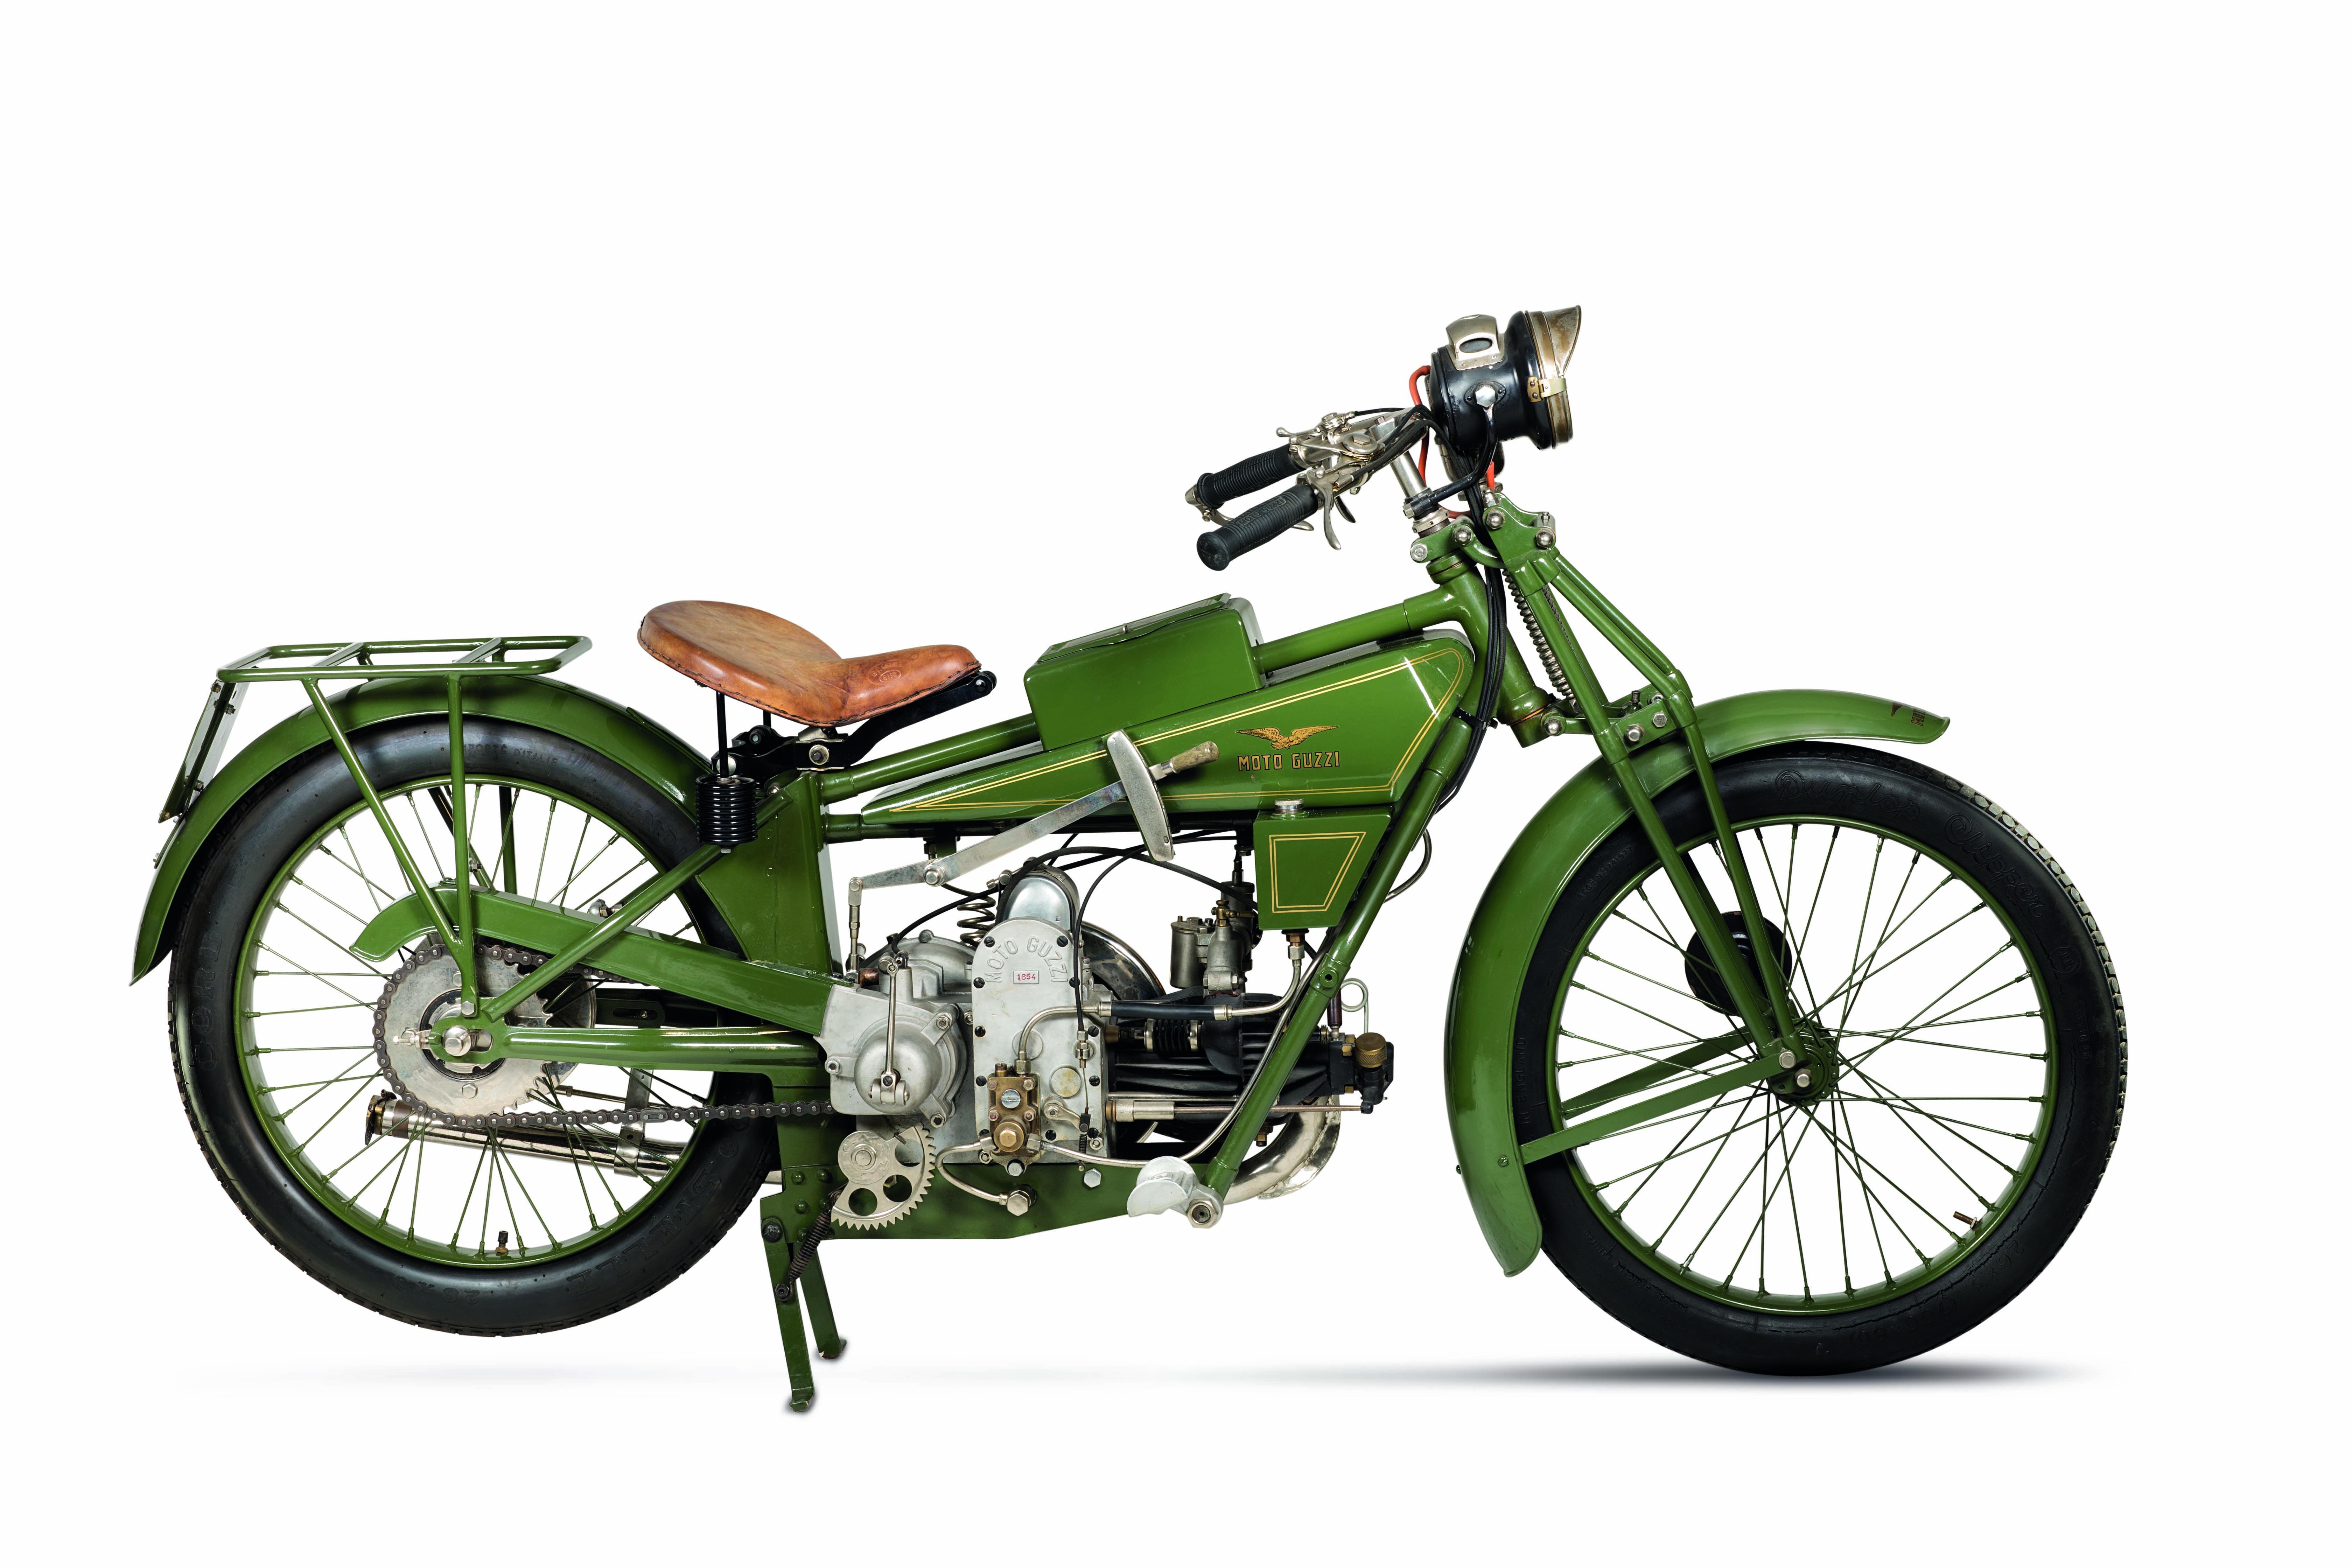 Moto Guzzi Normale 500 - 100 anni di storia Moto Guzzi su tuttoitalia